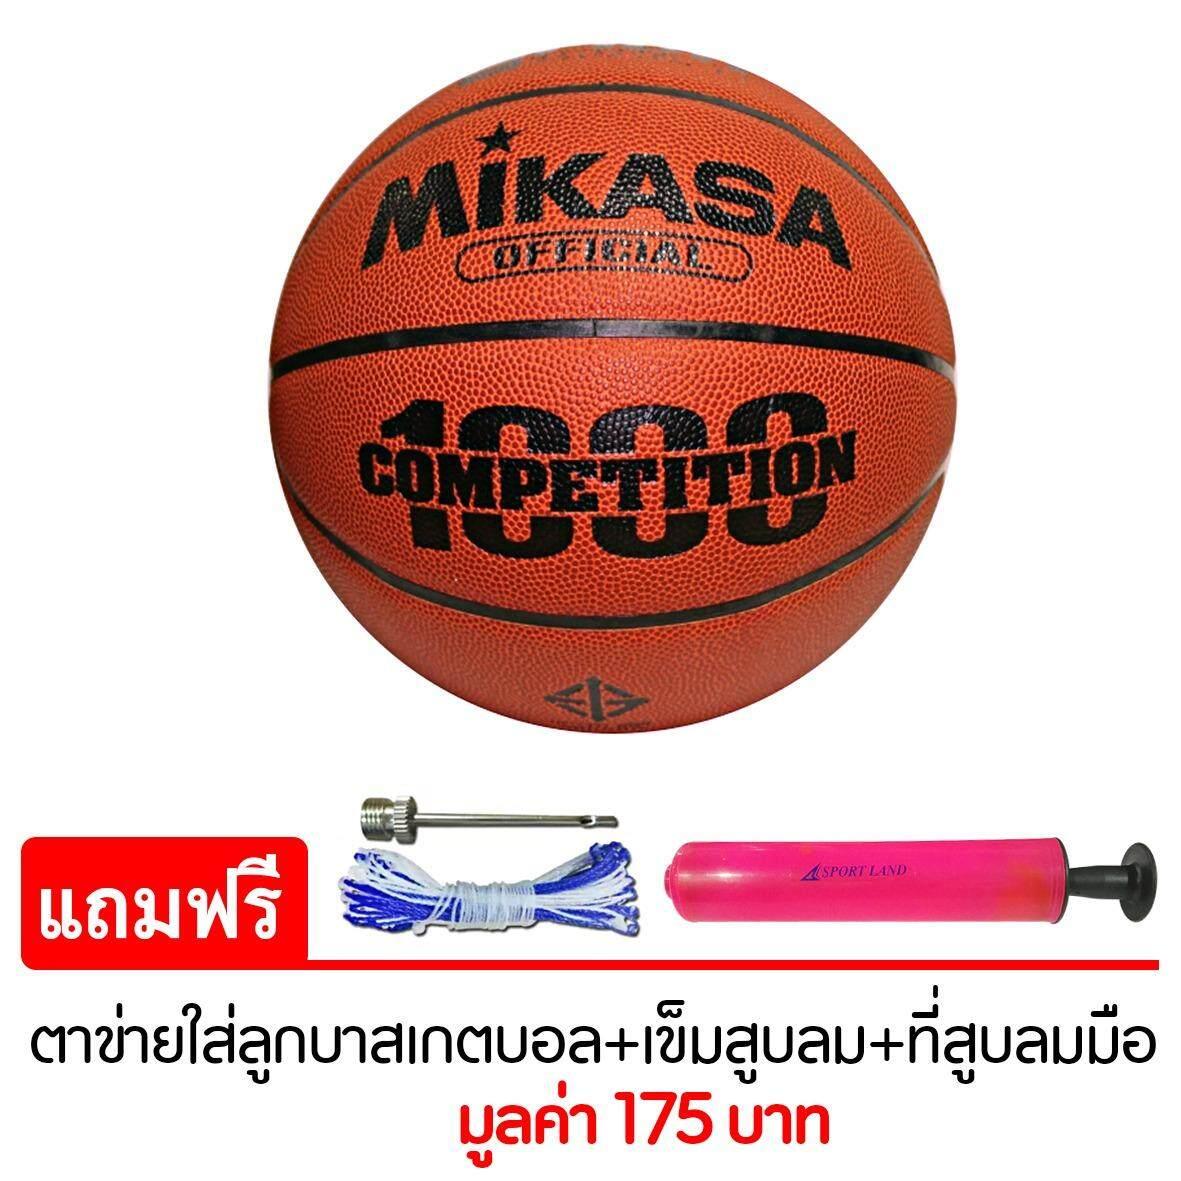 ราคา Mikasa บาสเก็ตบอล Basketball Mks Pu Bq1000Fiba แถมฟรี ตาข่ายใส่ลูกบาสเกตบอล เข็มสูบสูบลม สูบมือ Spl รุ่น Sl6 สีชมพู ใหม่